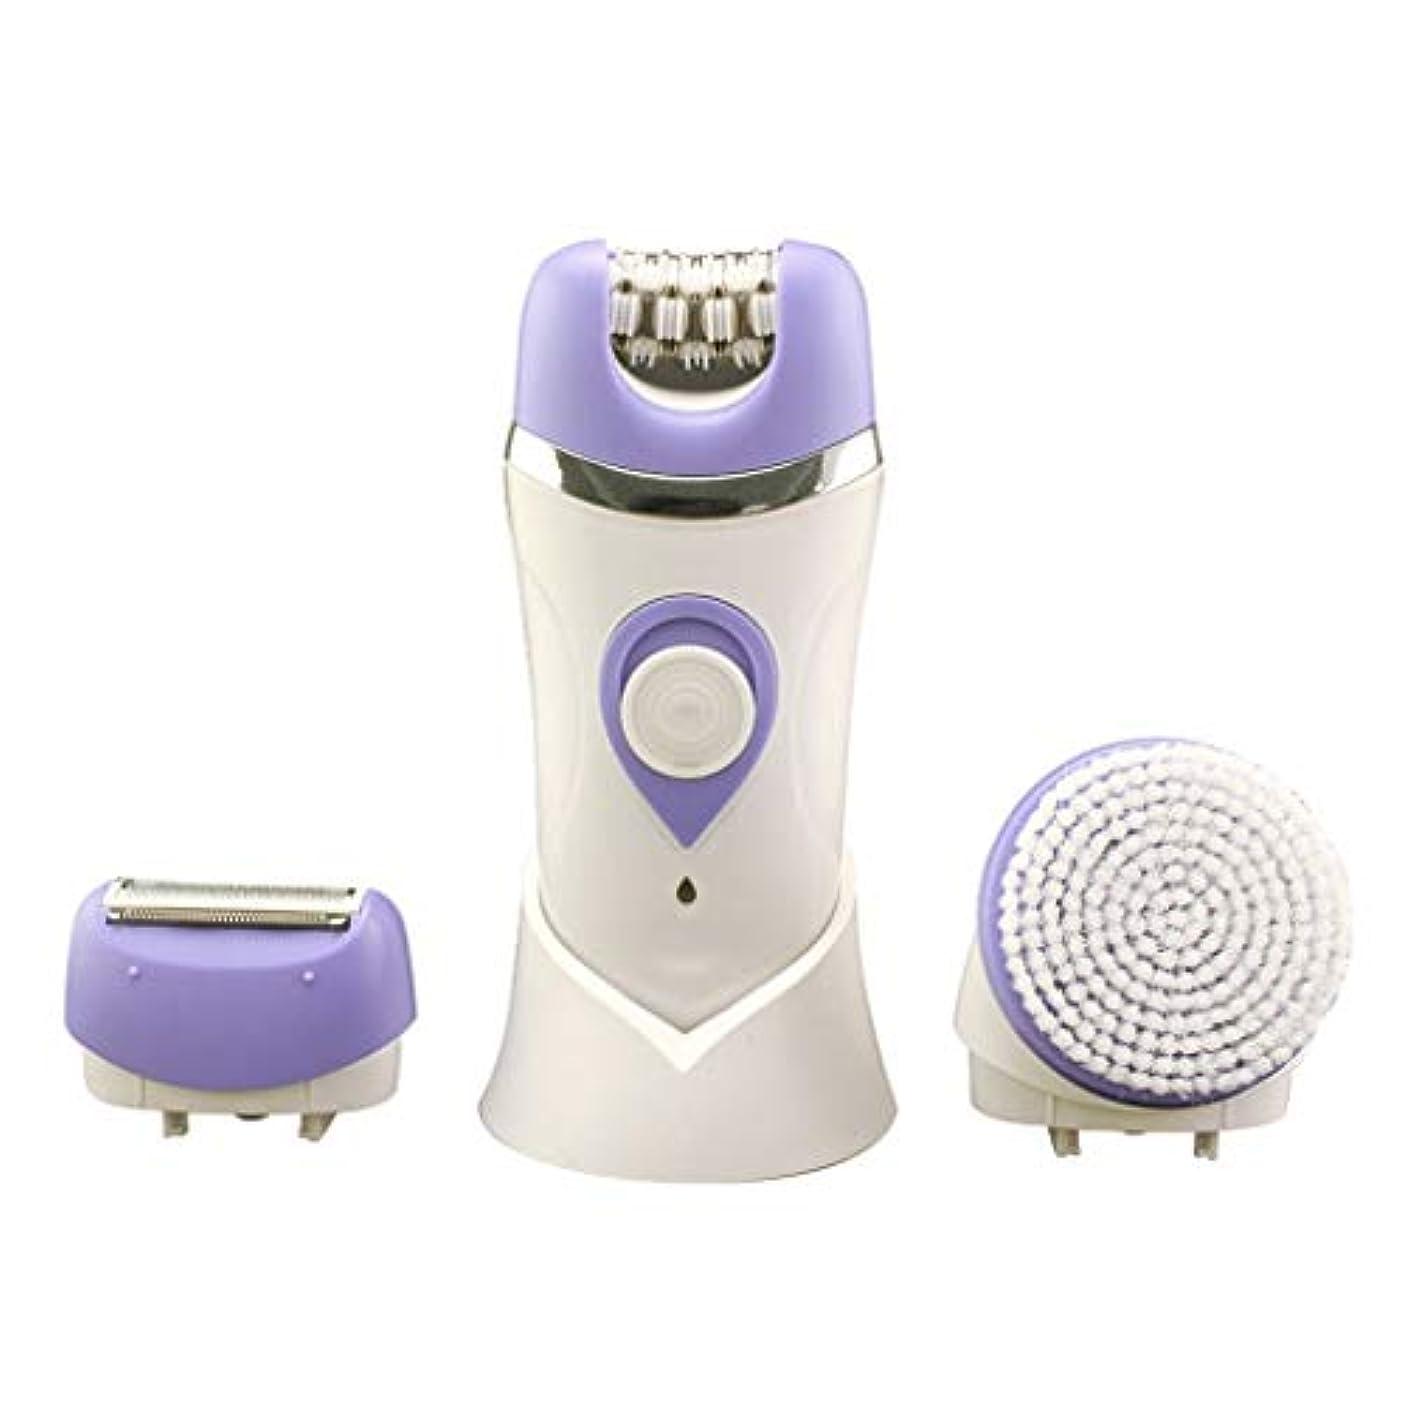 哀世辞ウイルス女性用電気かみそり、女性用充電式防水脱毛器3 in 1多機能は、足と体から余分な髪を取り除きます (Color : Purple)